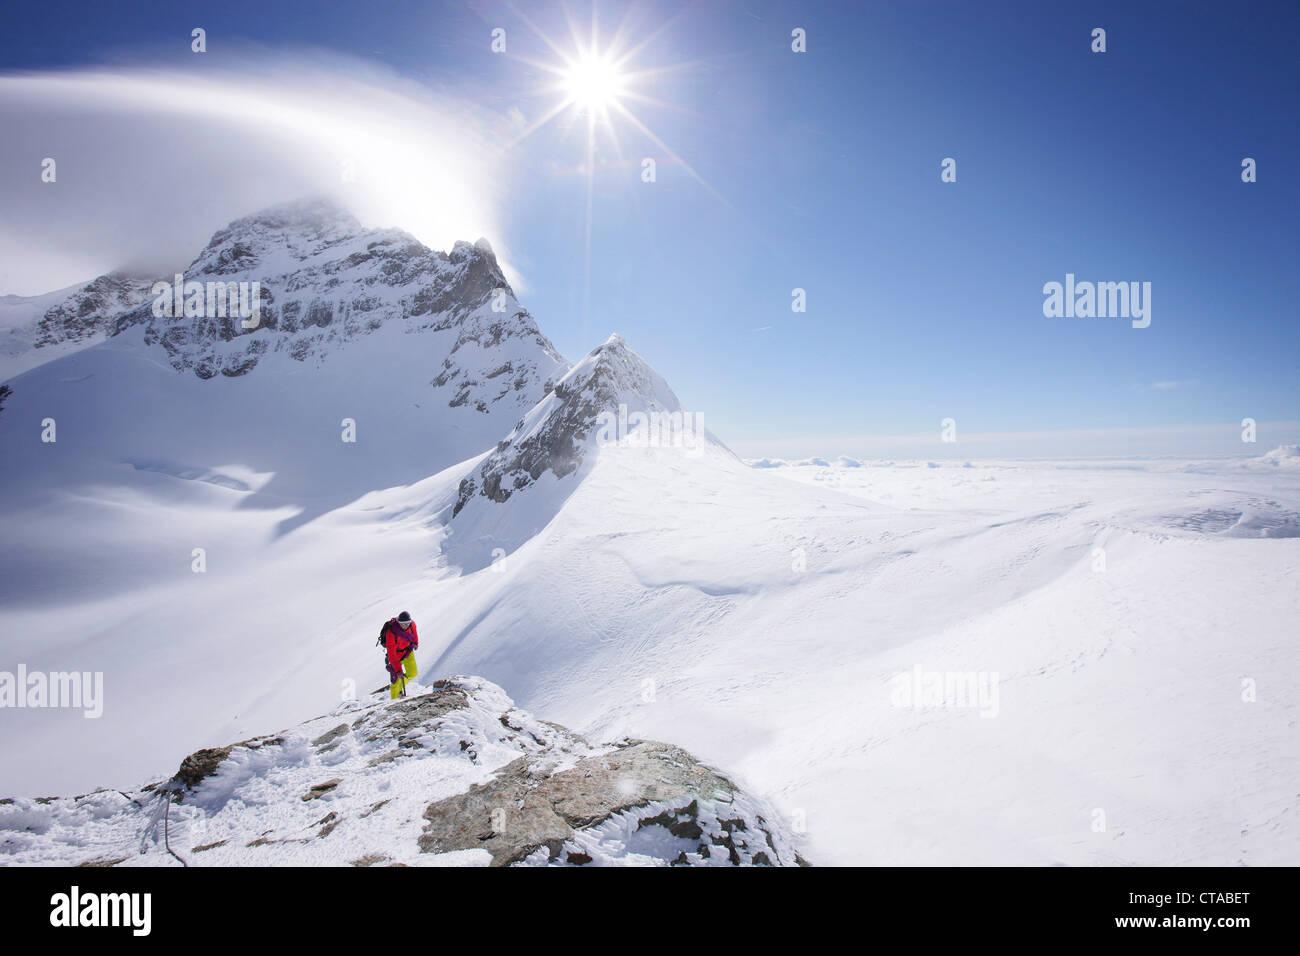 Bergsteiger auf dem Gipfel des Jungfraujoch, Jungfrau im Hintergrund, Grindelwald, Berner Oberland, Schweiz Stockbild